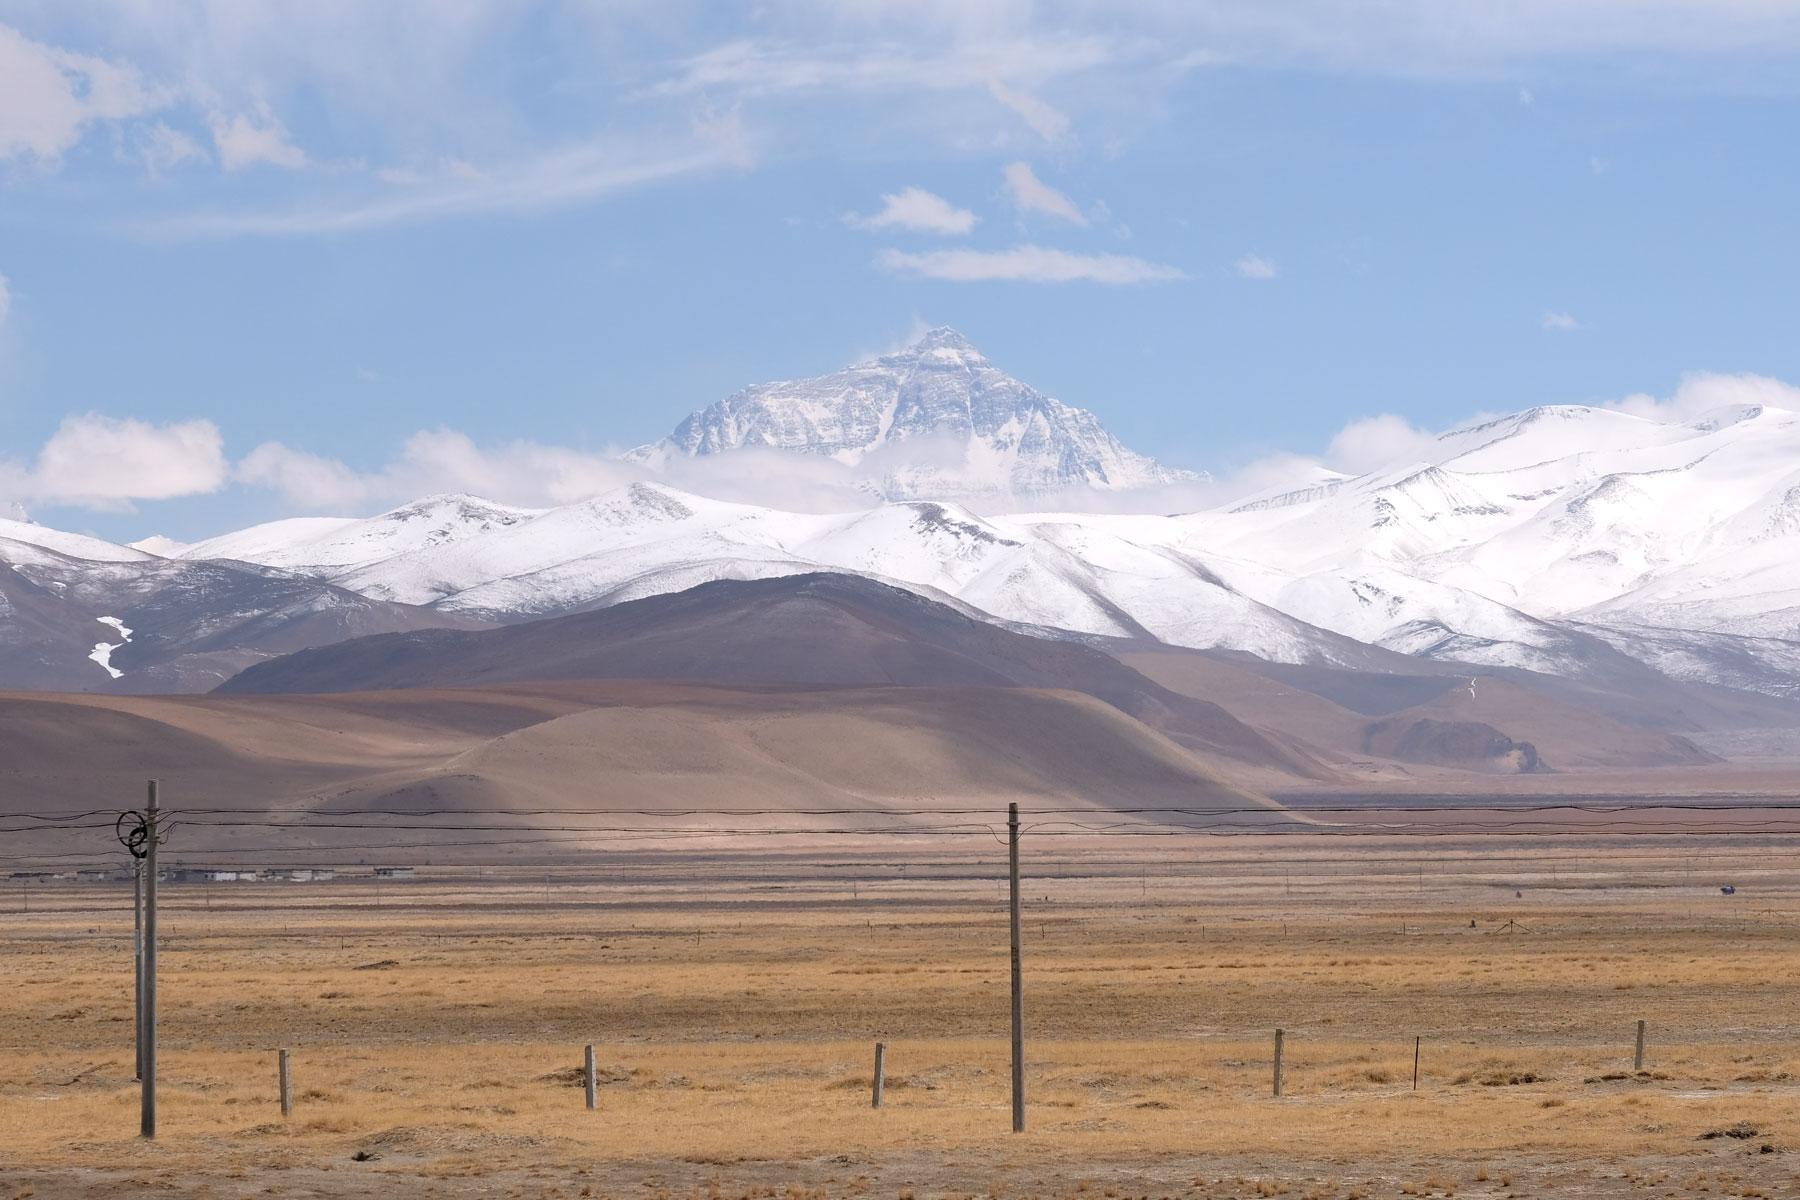 Der Mount Everest erhebt sich wolkenfrei über der tibetischen Hochebene.